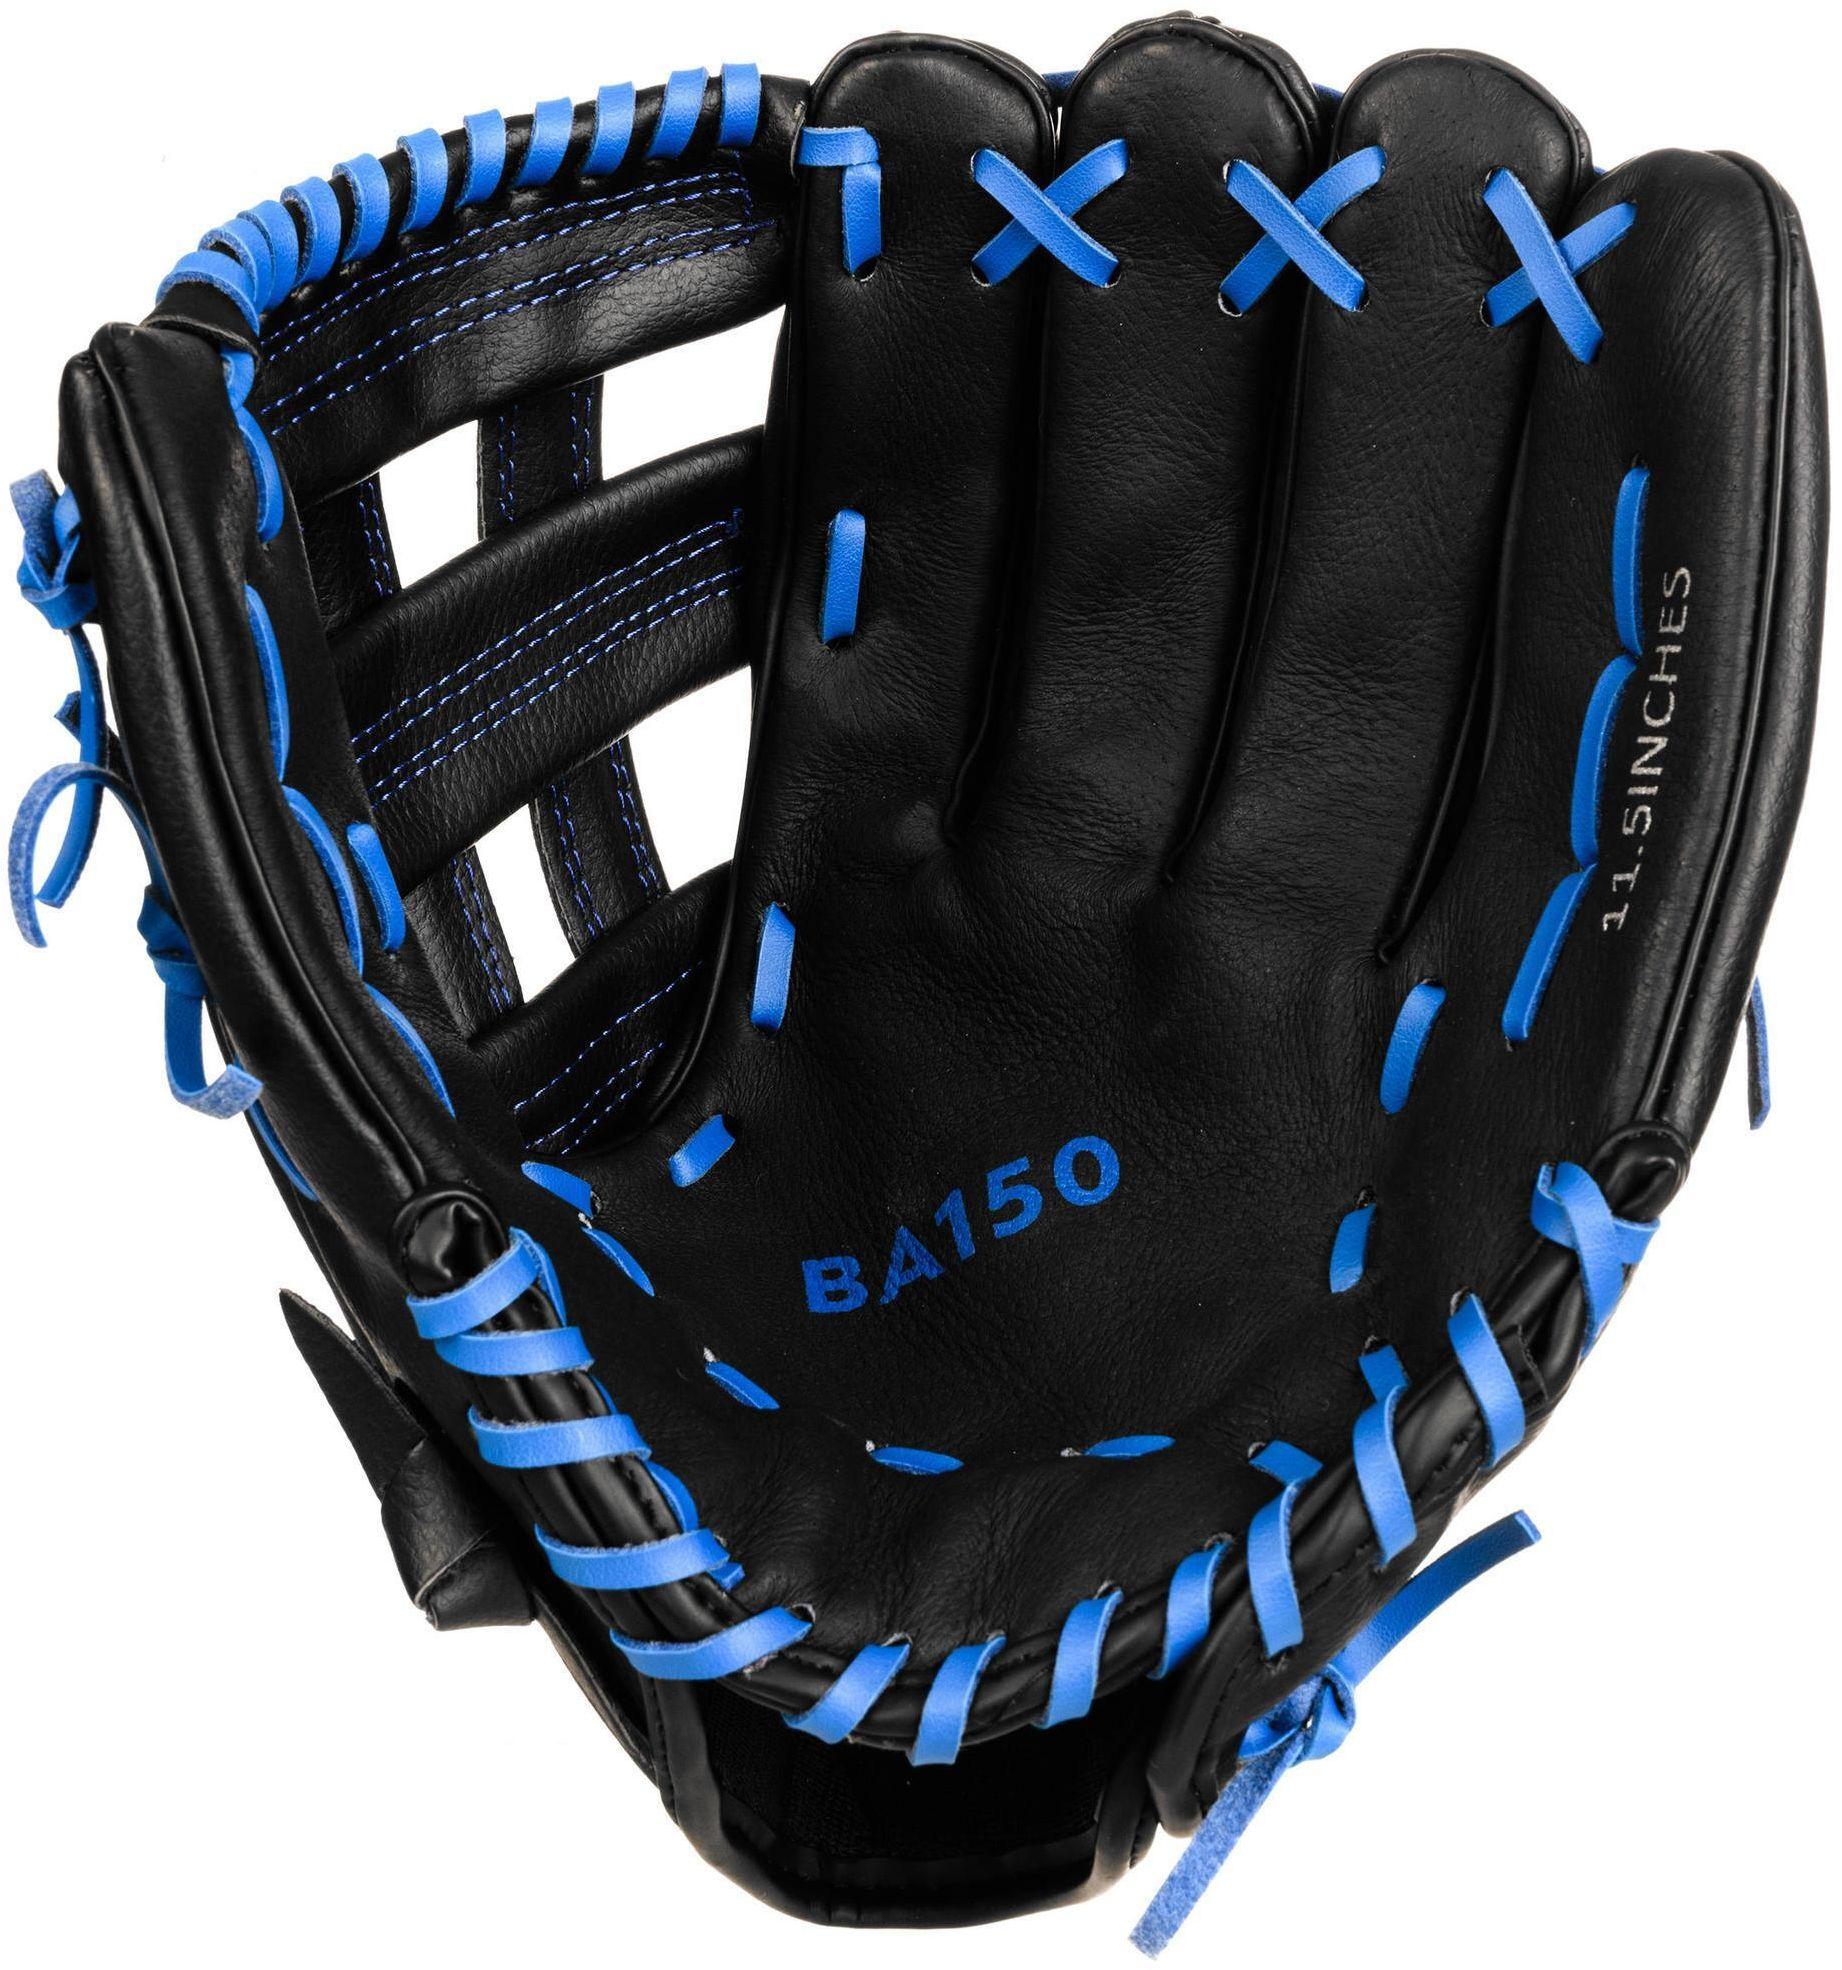 Rękawica baseballowa Kipsta BA150 dla miotacza 11,5-12,5 dla praworęcznych